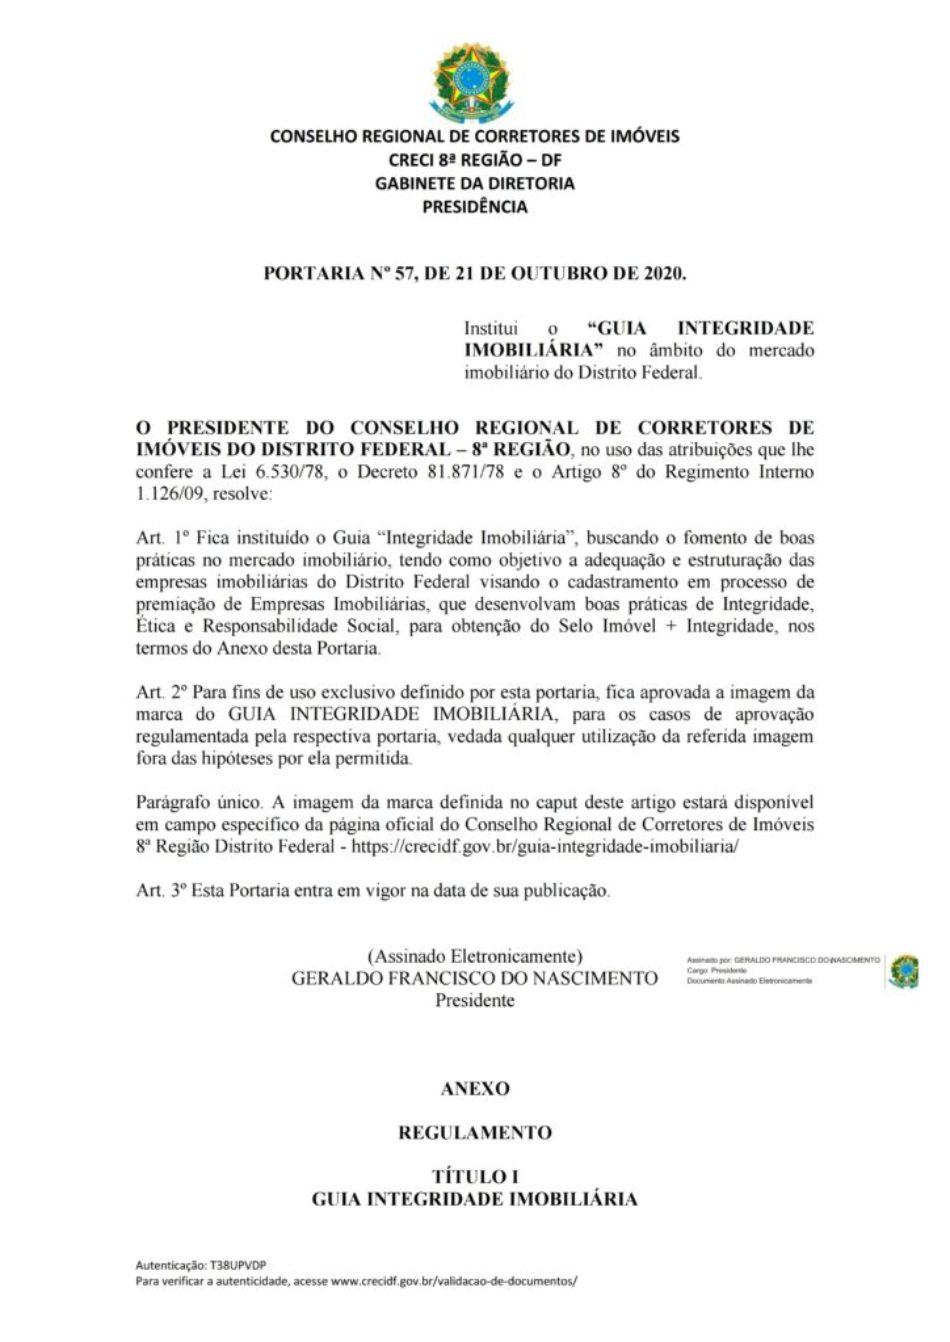 PORTARIA Nº 57 - GUIA INTEGRIDADE IMOBILIÁRIA - FINAL.pdf_page_1